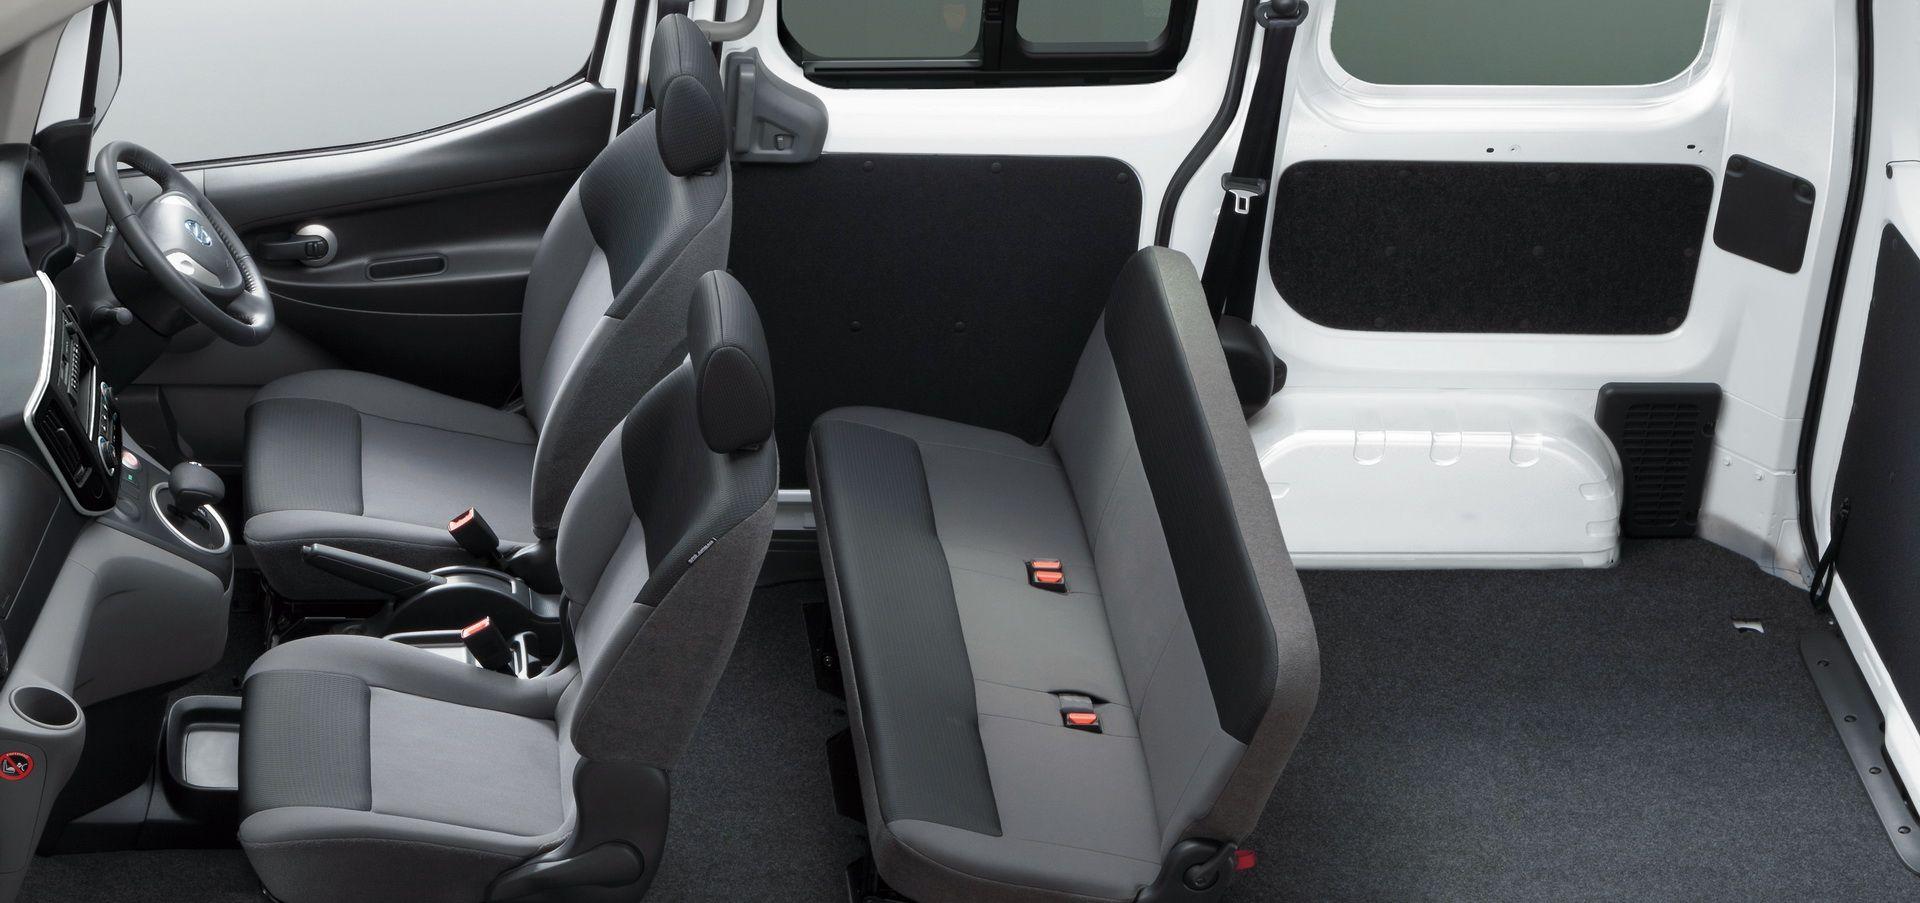 2019_Nissan_e-NV200_0019